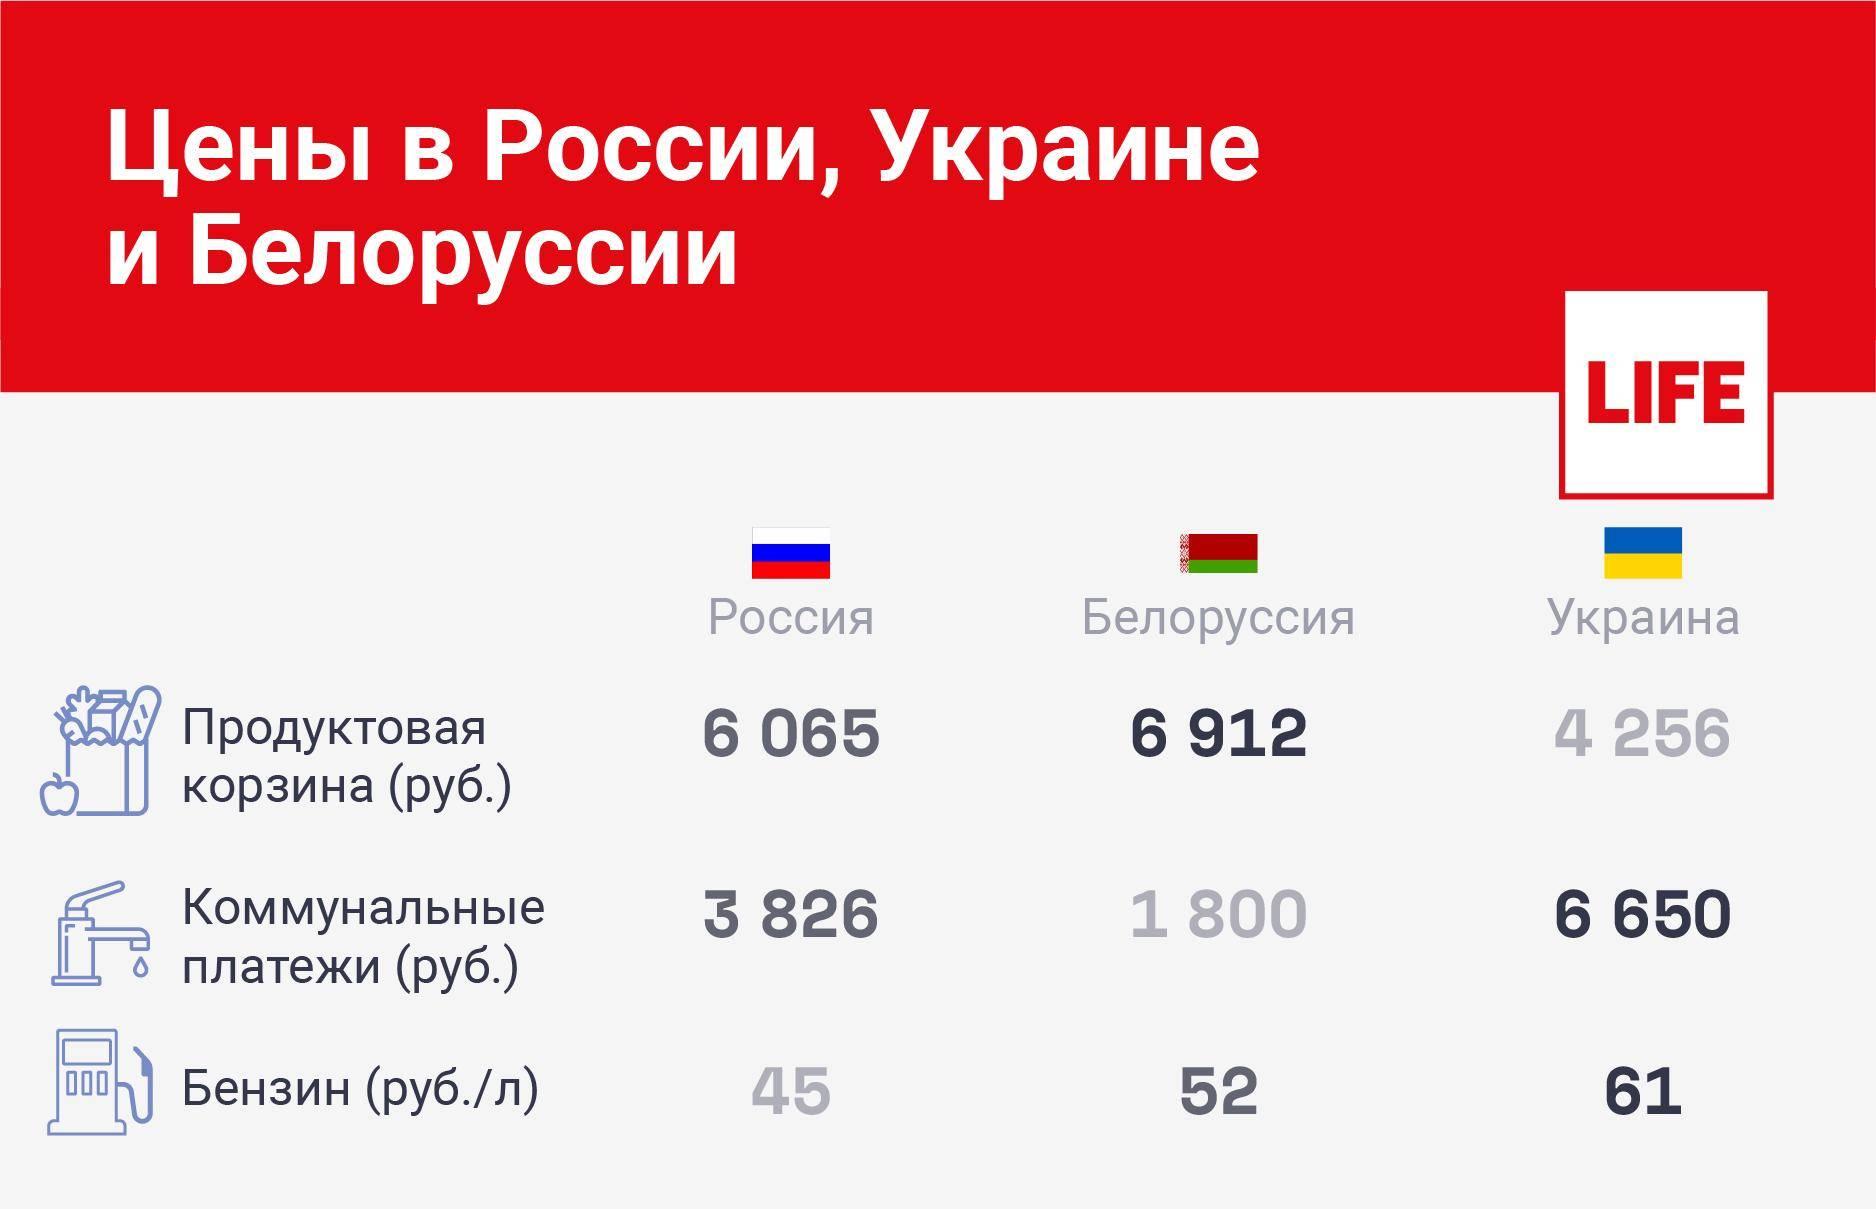 Как перевести деньги из польши в россию быстро и дешево - sameчас